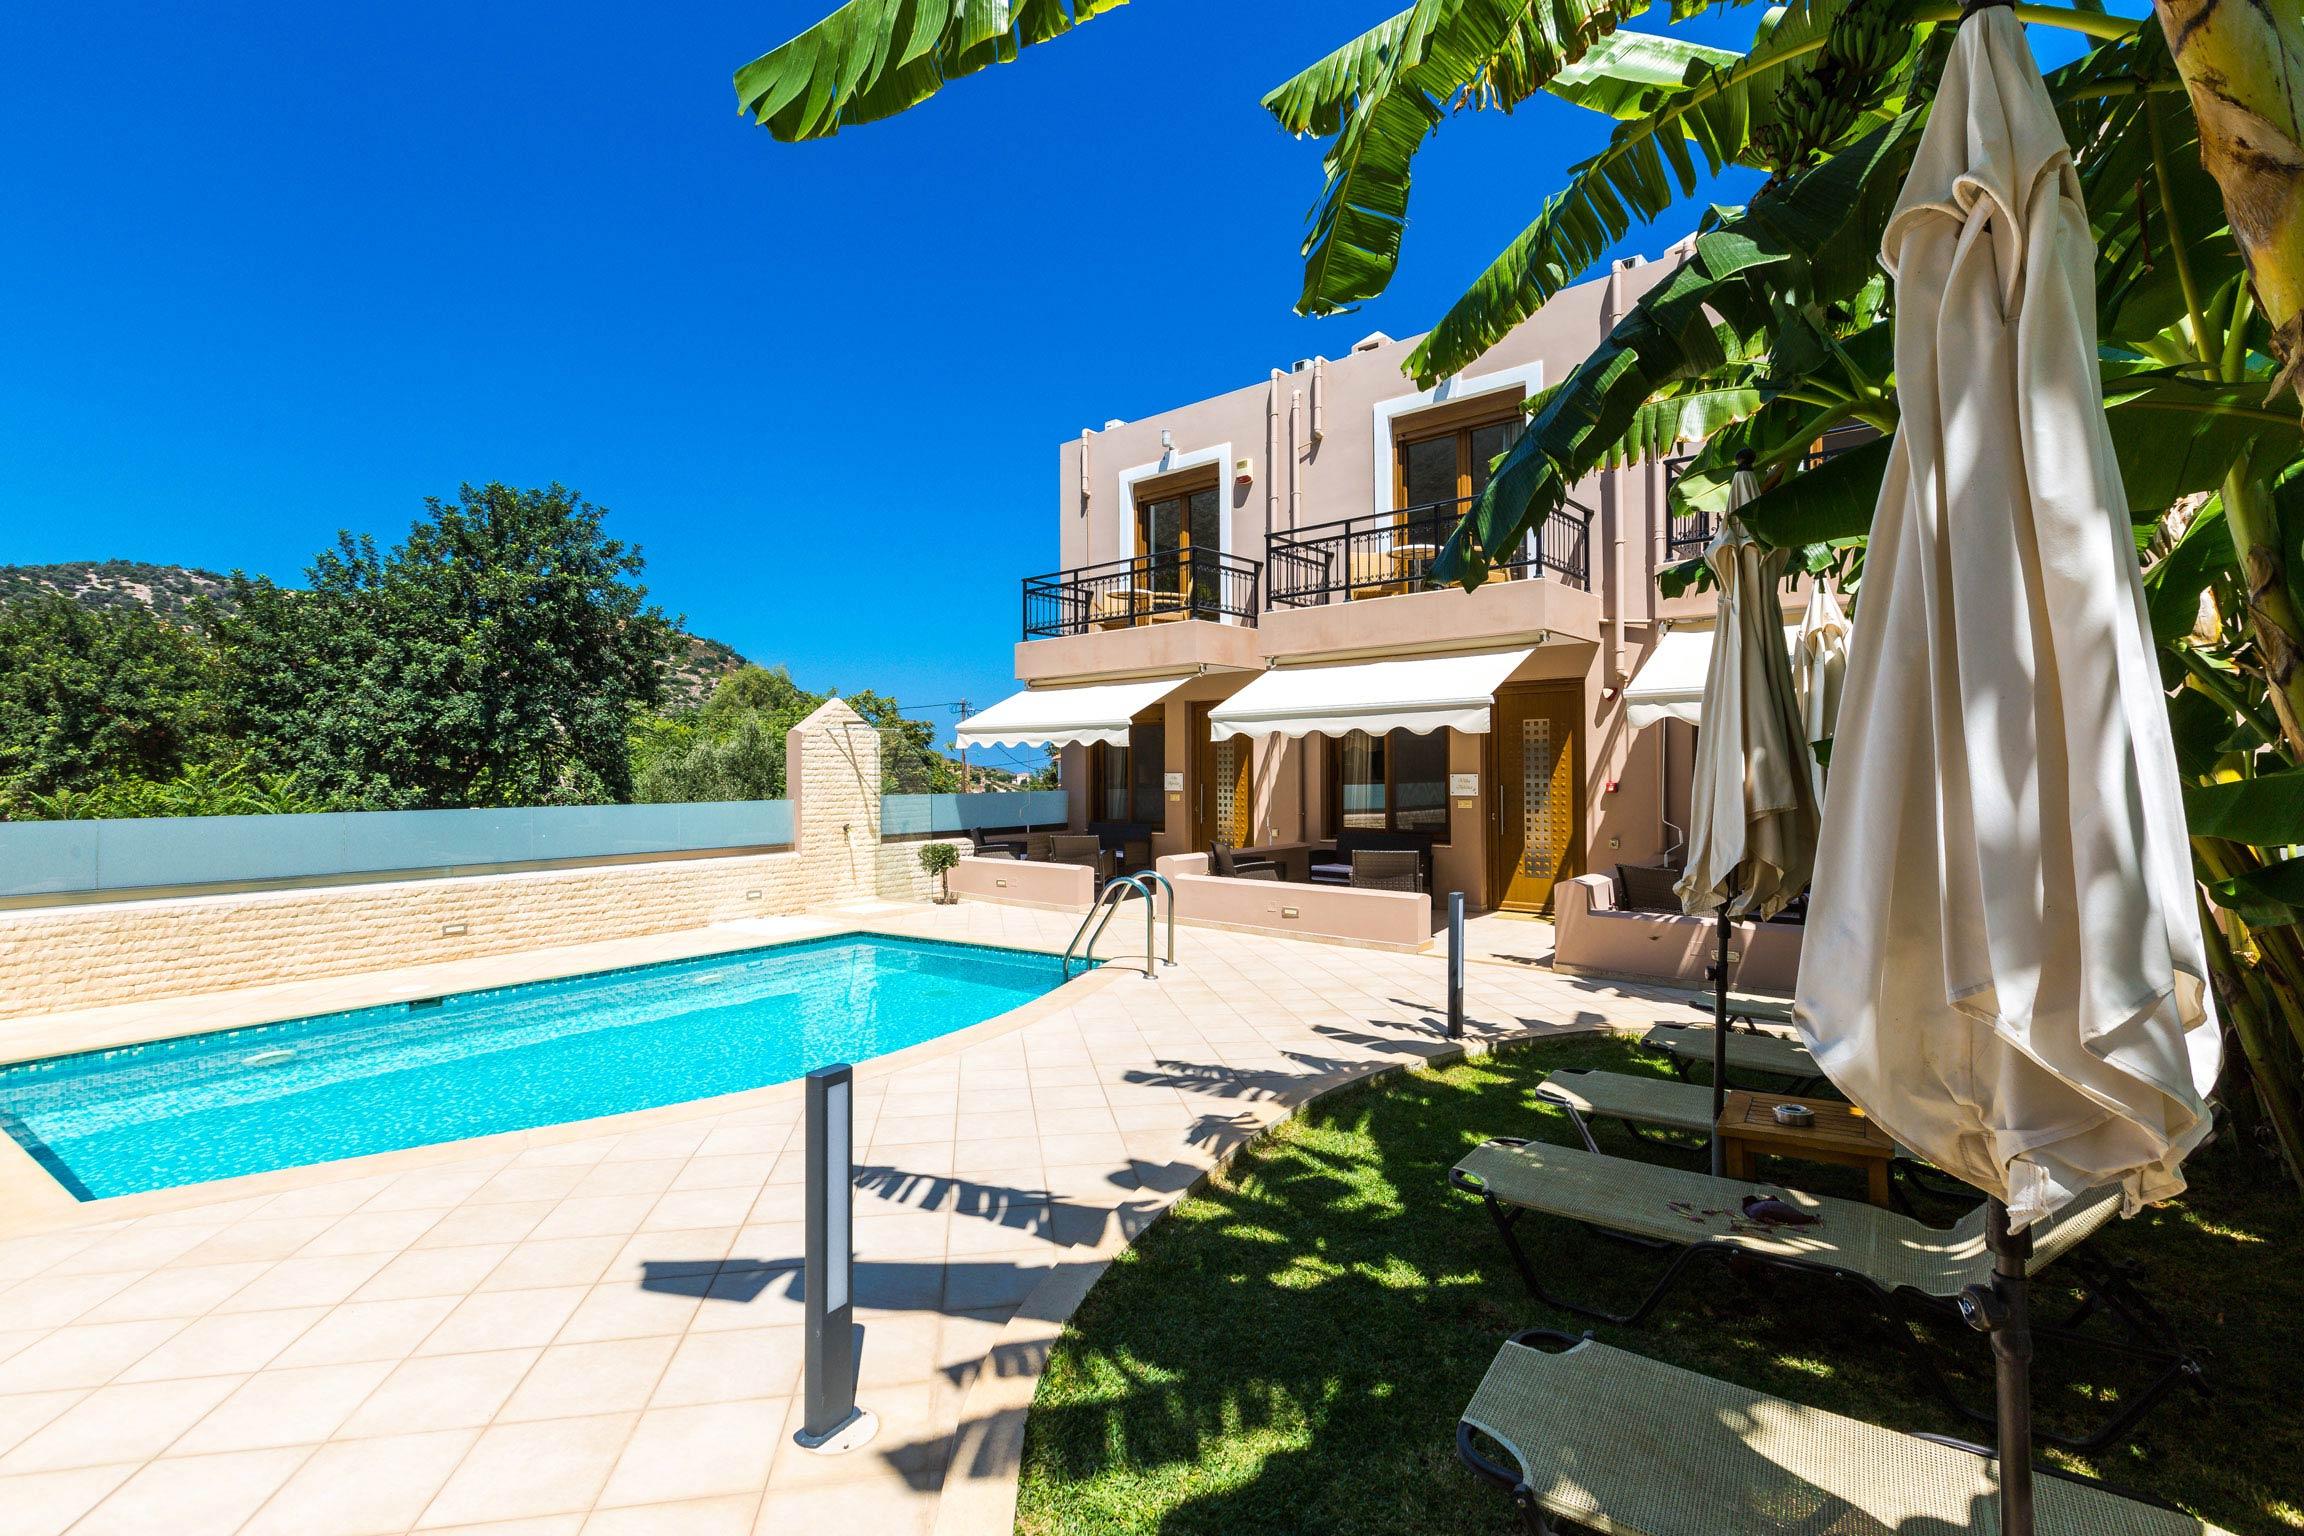 Ferienhaus Diese Villa auf zwei Ebenen ist der perfekte Ort, um in Rethymnon auf Kreta weh zu bleiben (2623387), Roumeli, Kreta Nordküste, Kreta, Griechenland, Bild 15